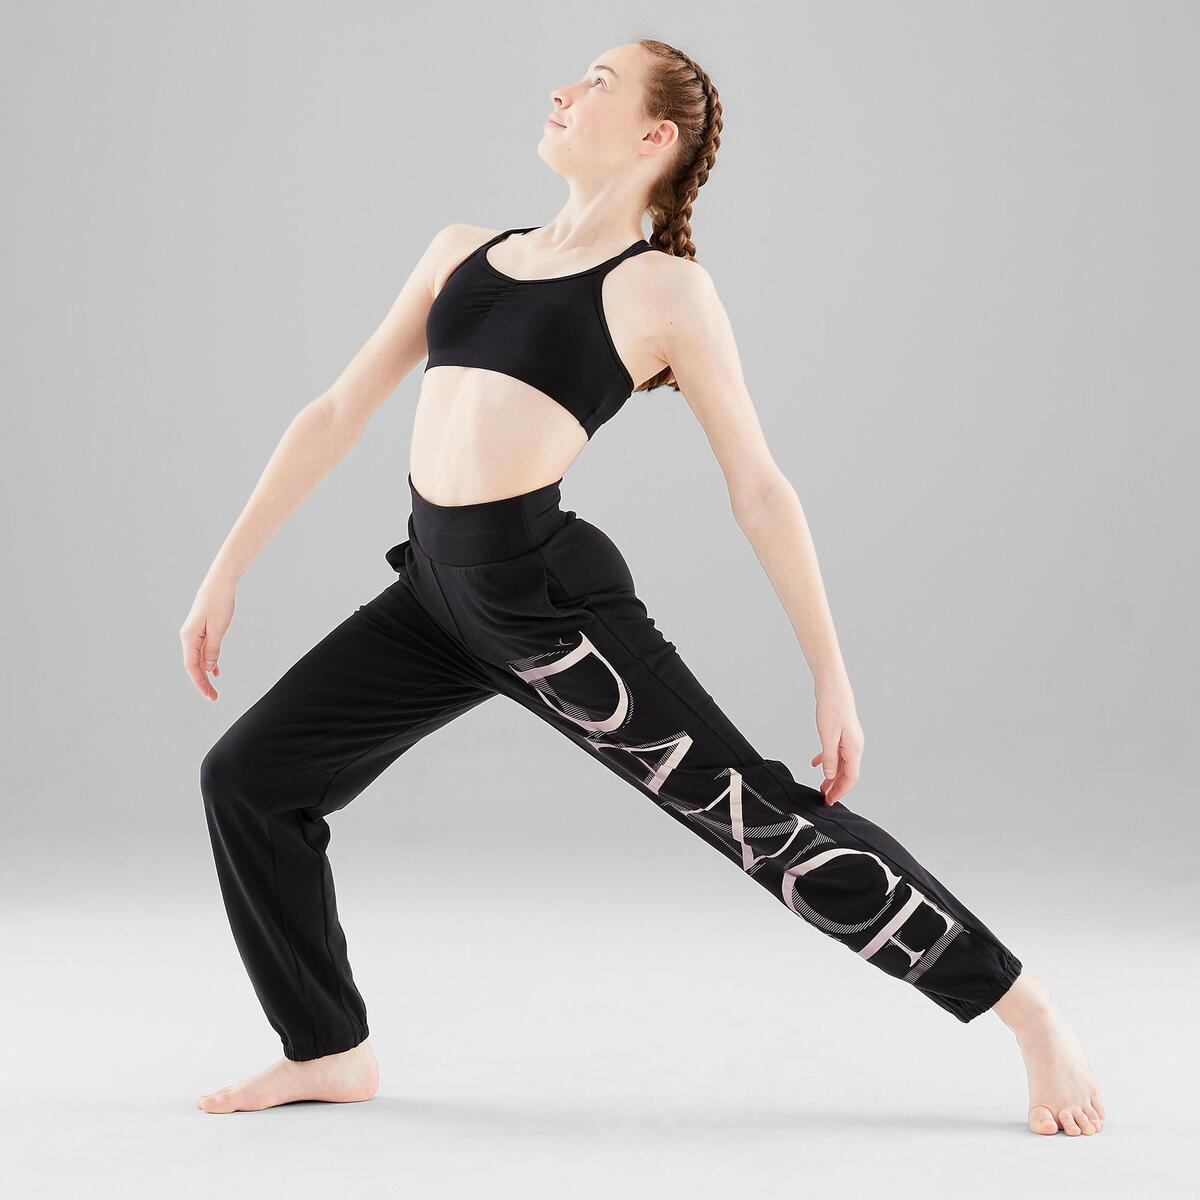 Bild 3 von Verstellbare Hose Modern Dance Mädchen schwarz